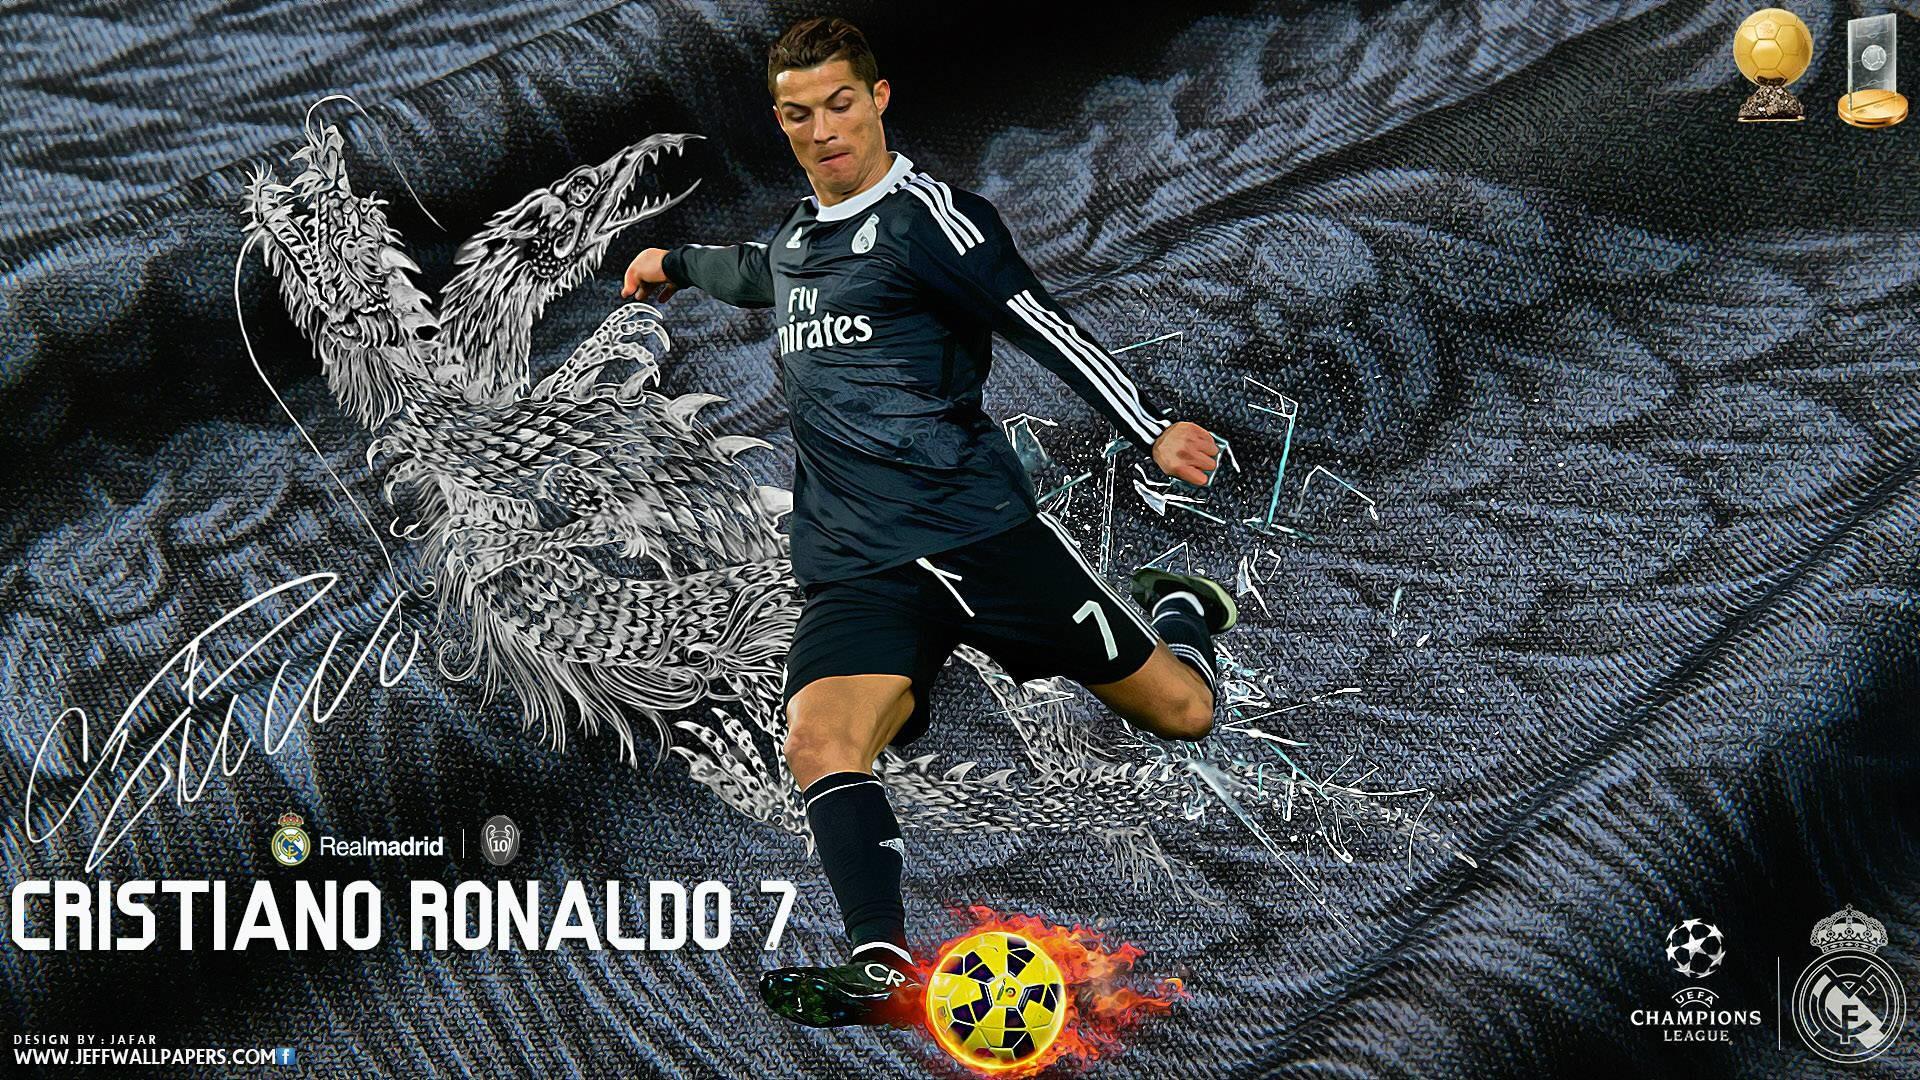 Cristiano Ronaldo 2015 Real Madrid FIFA Ballon d'Or Wallpaper Wide .